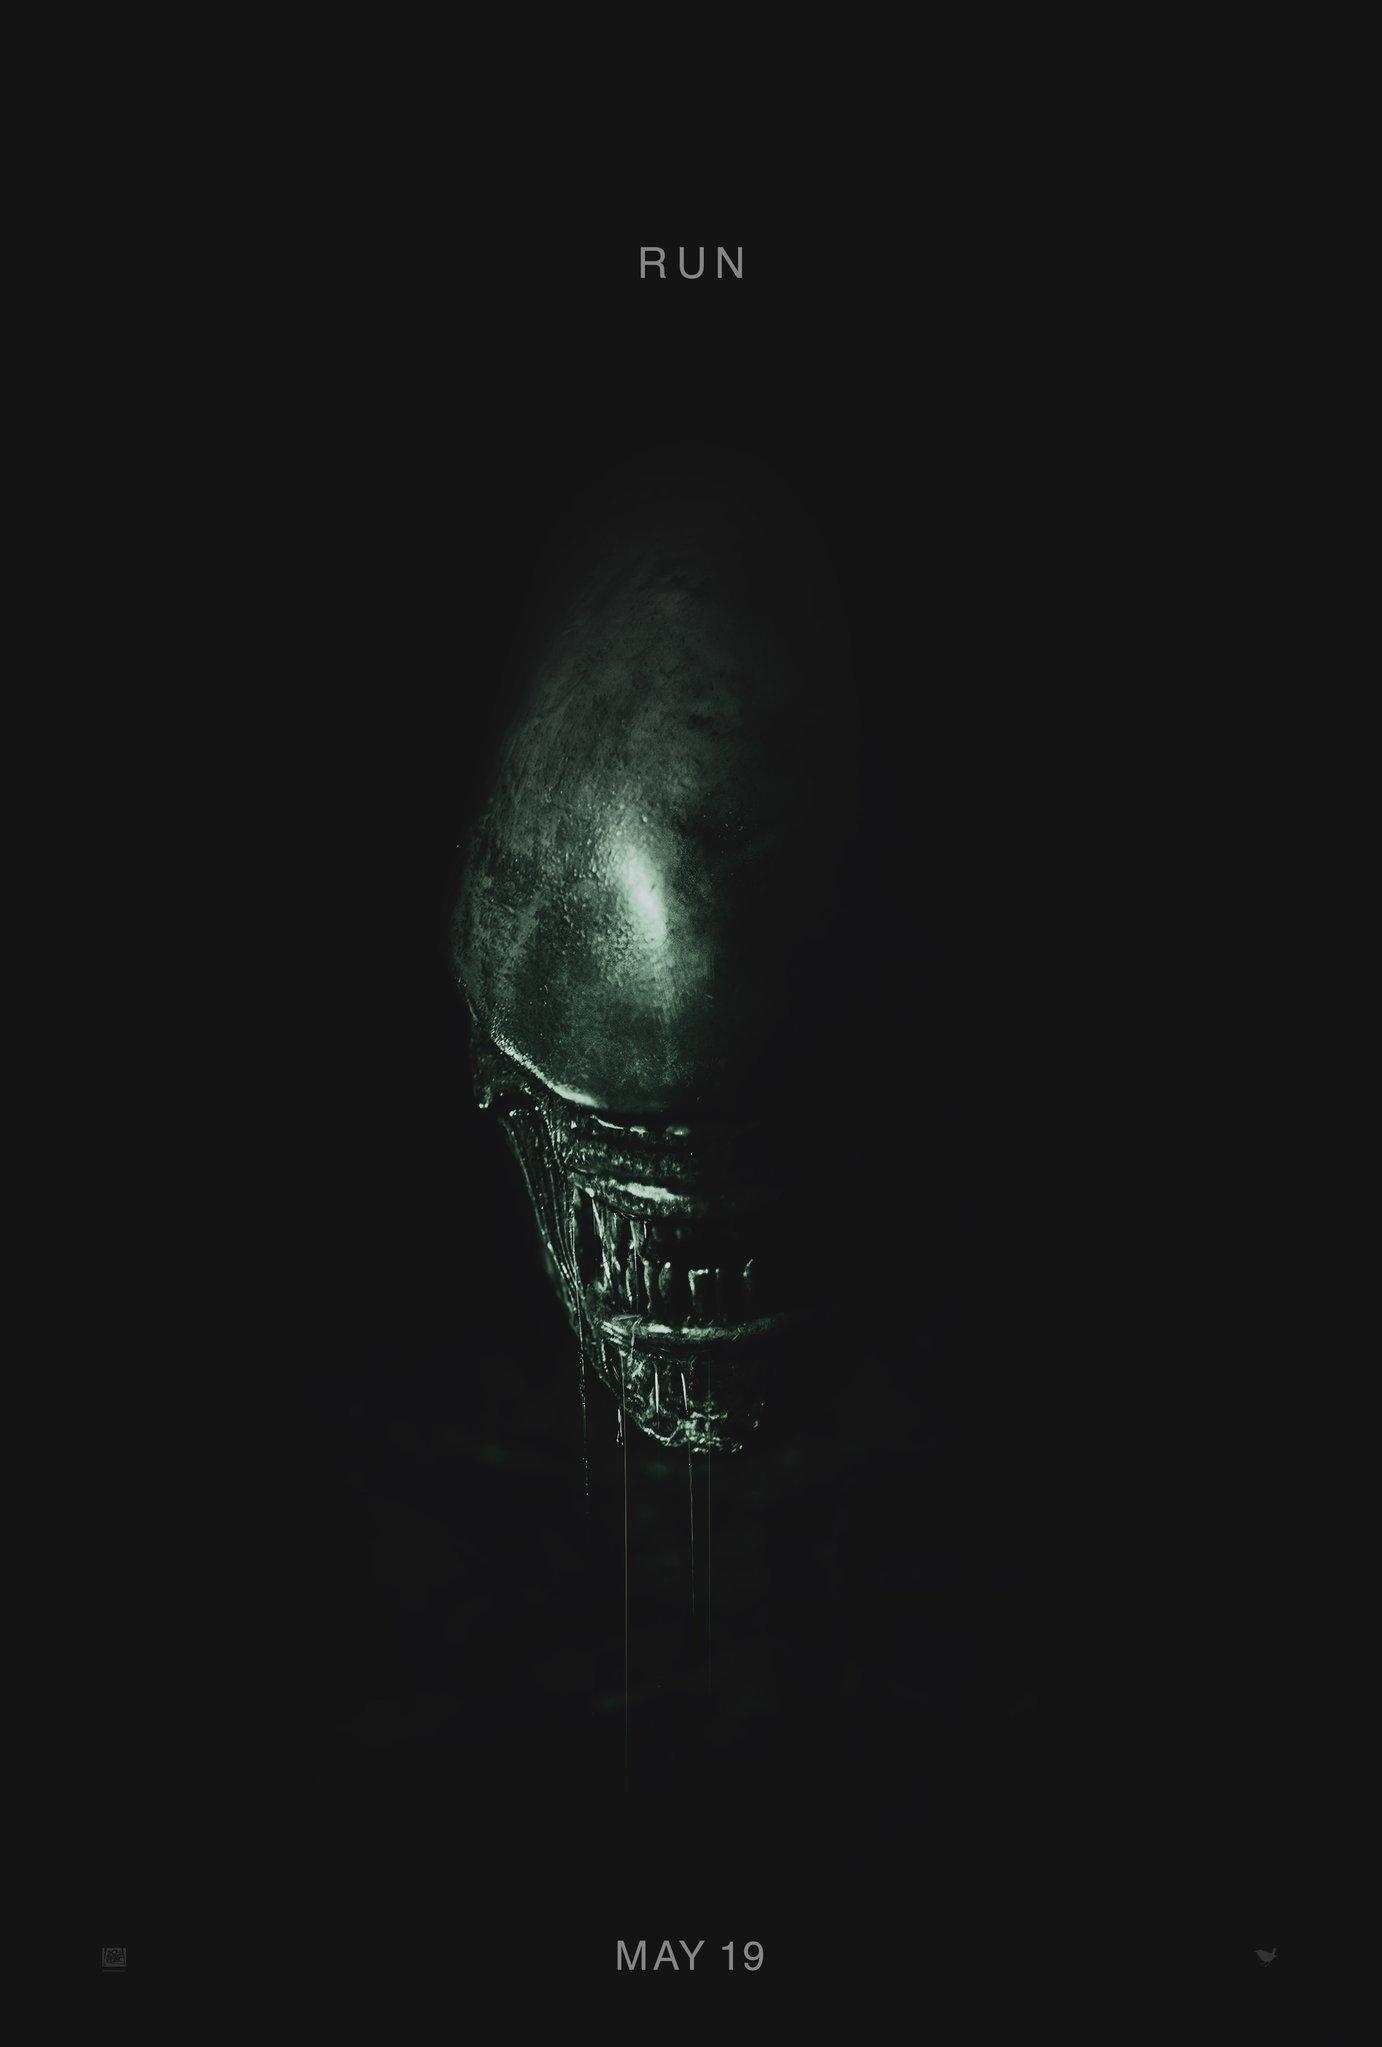 Alien: Covenant For mobile